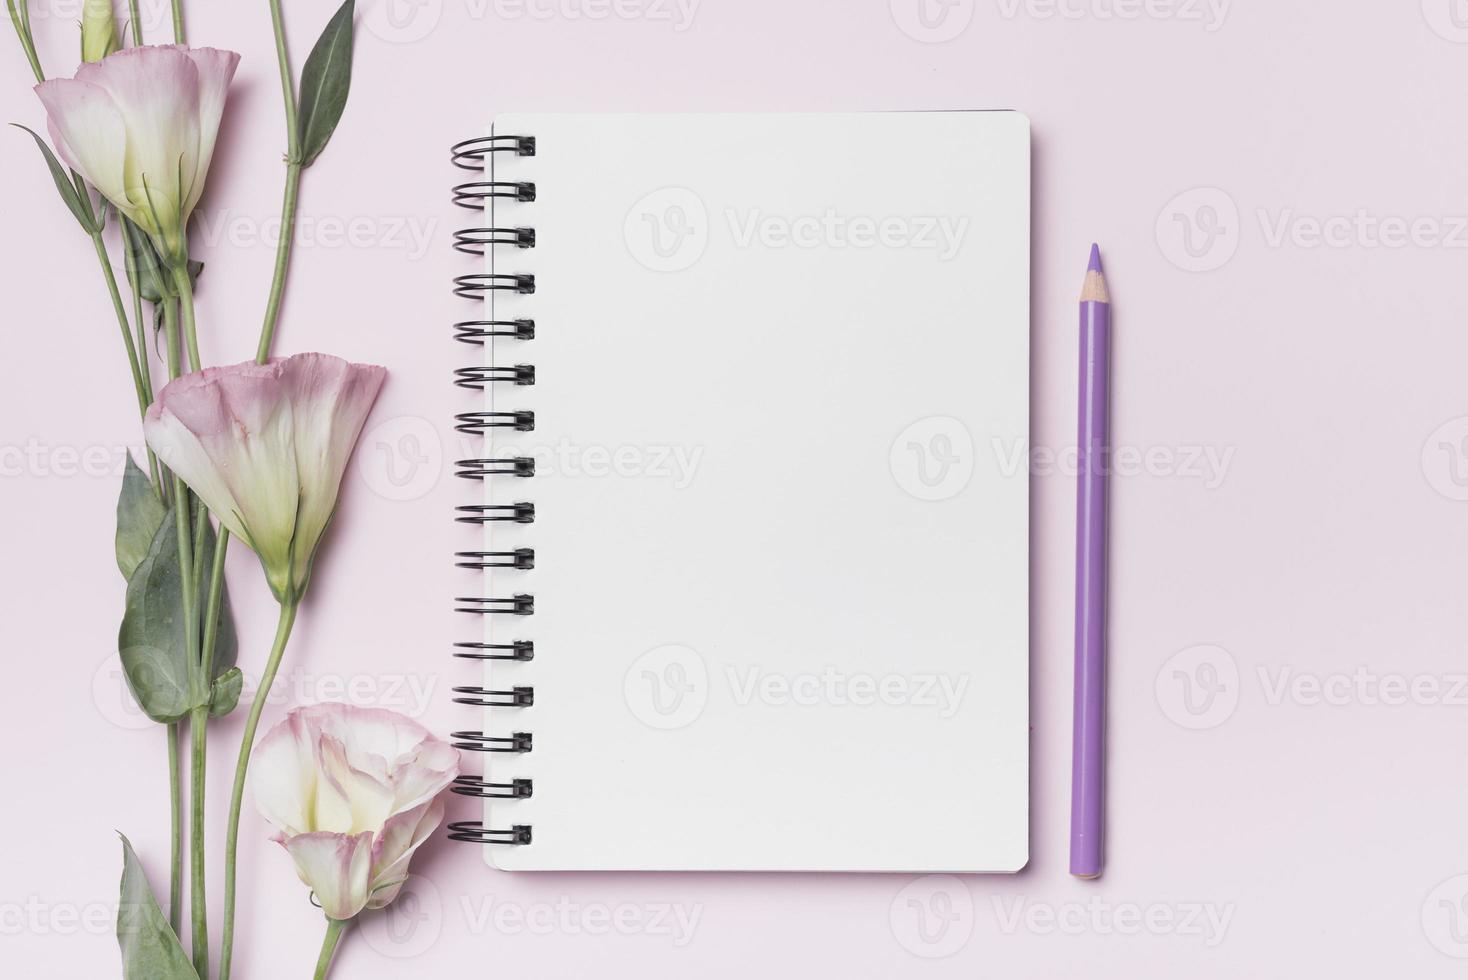 Eustoma Blumen mit leerem Spiralblock mit lila Bleistift gegen rosa Hintergrund foto